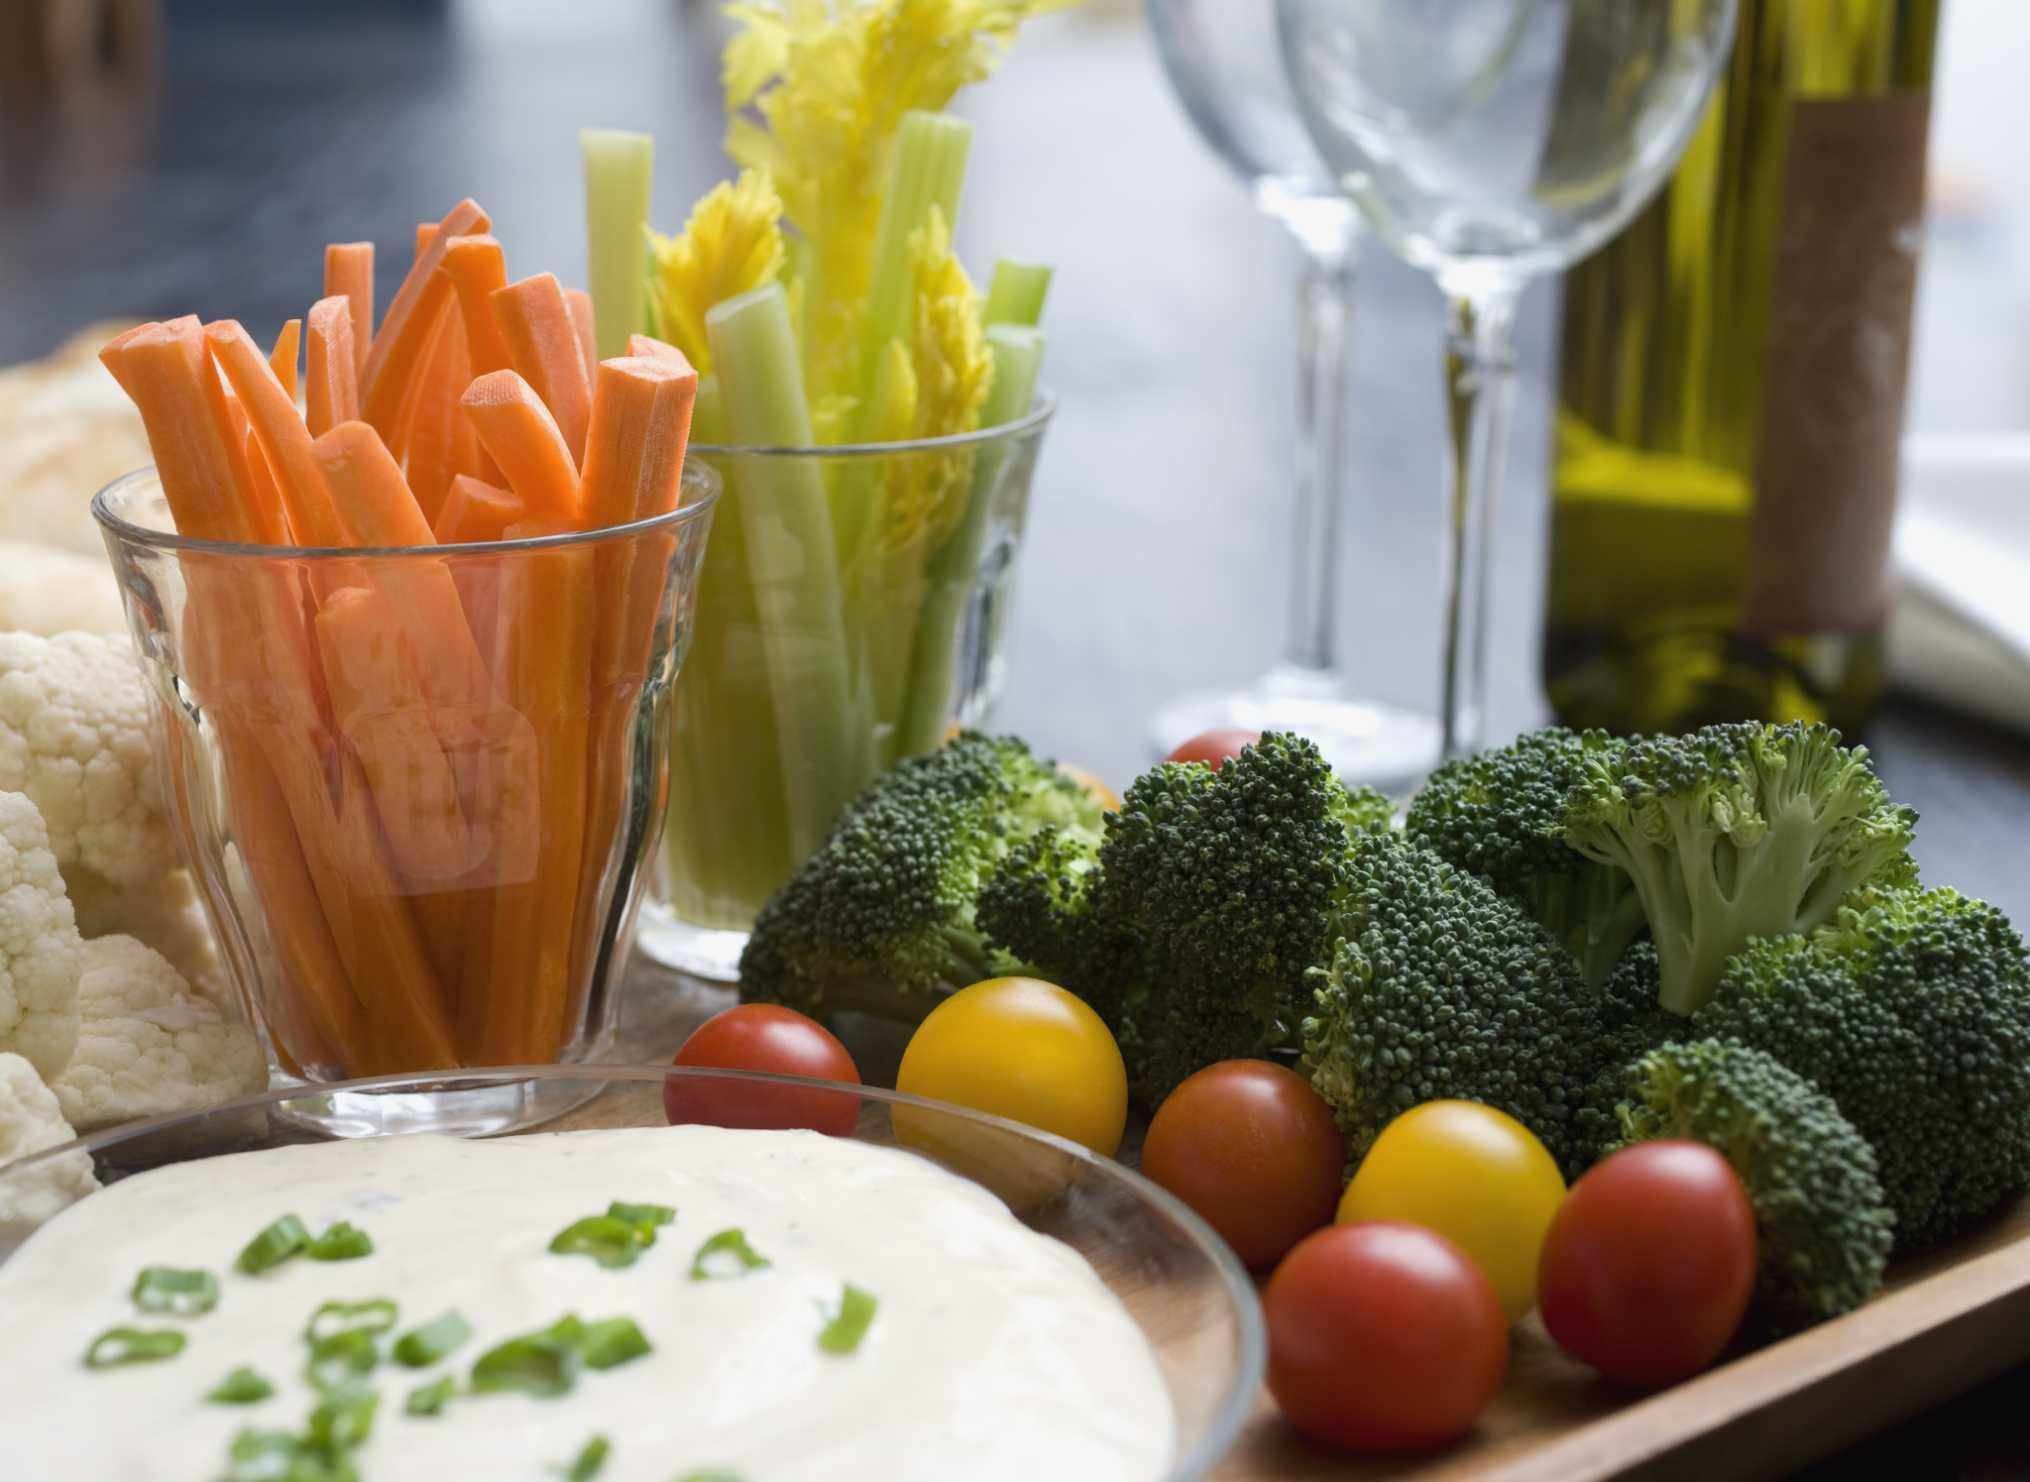 An easy appetizer platter